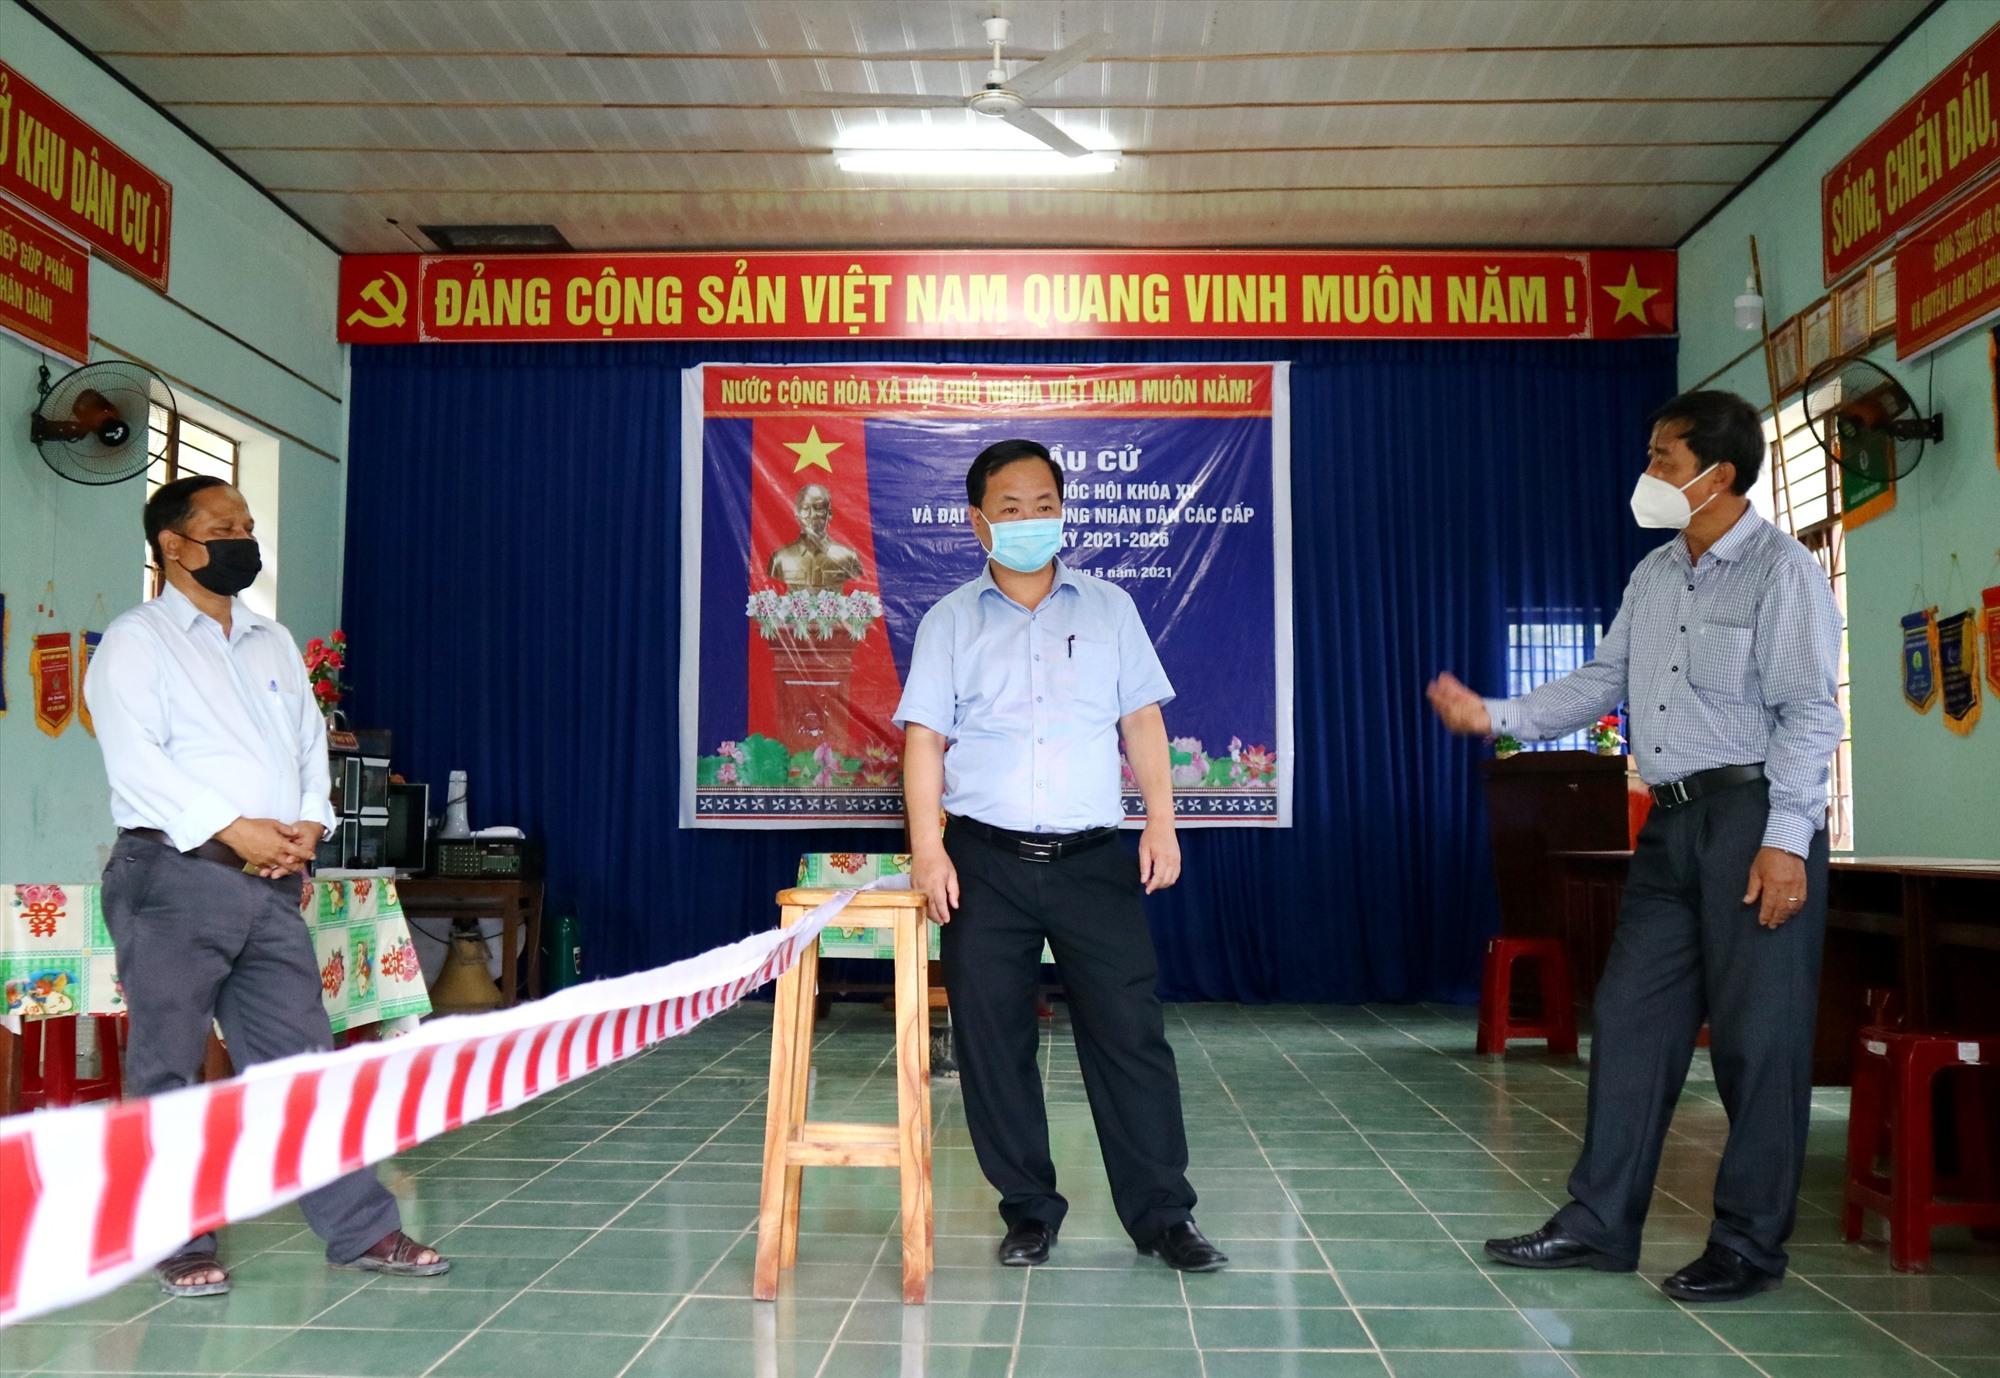 Phó Chủ tịch UBND tỉnh Nguyễn Hồng Quang kiểm tra thực tế một điểm bầu cử được địa phương chuẩn bị tại thị trấn P'rao. Ảnh: A.N